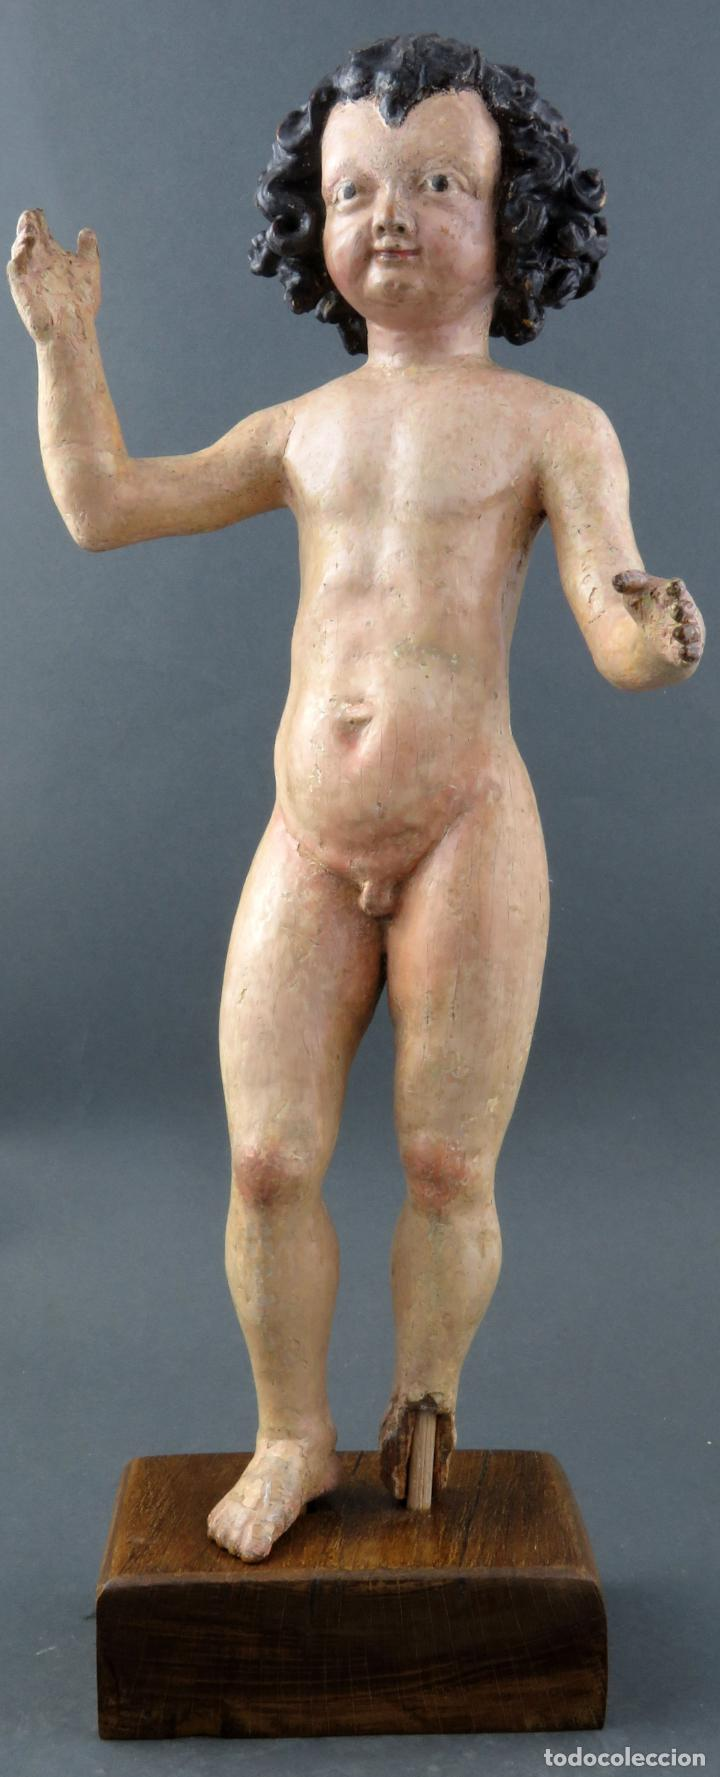 TALLA NIÑO JESÚS INSPIRADO MALINAS EN MADERA TALLADA POLICROMADA ESCUELA FLAMENCA DEL SIGLO XVII (Arte - Arte Religioso - Escultura)